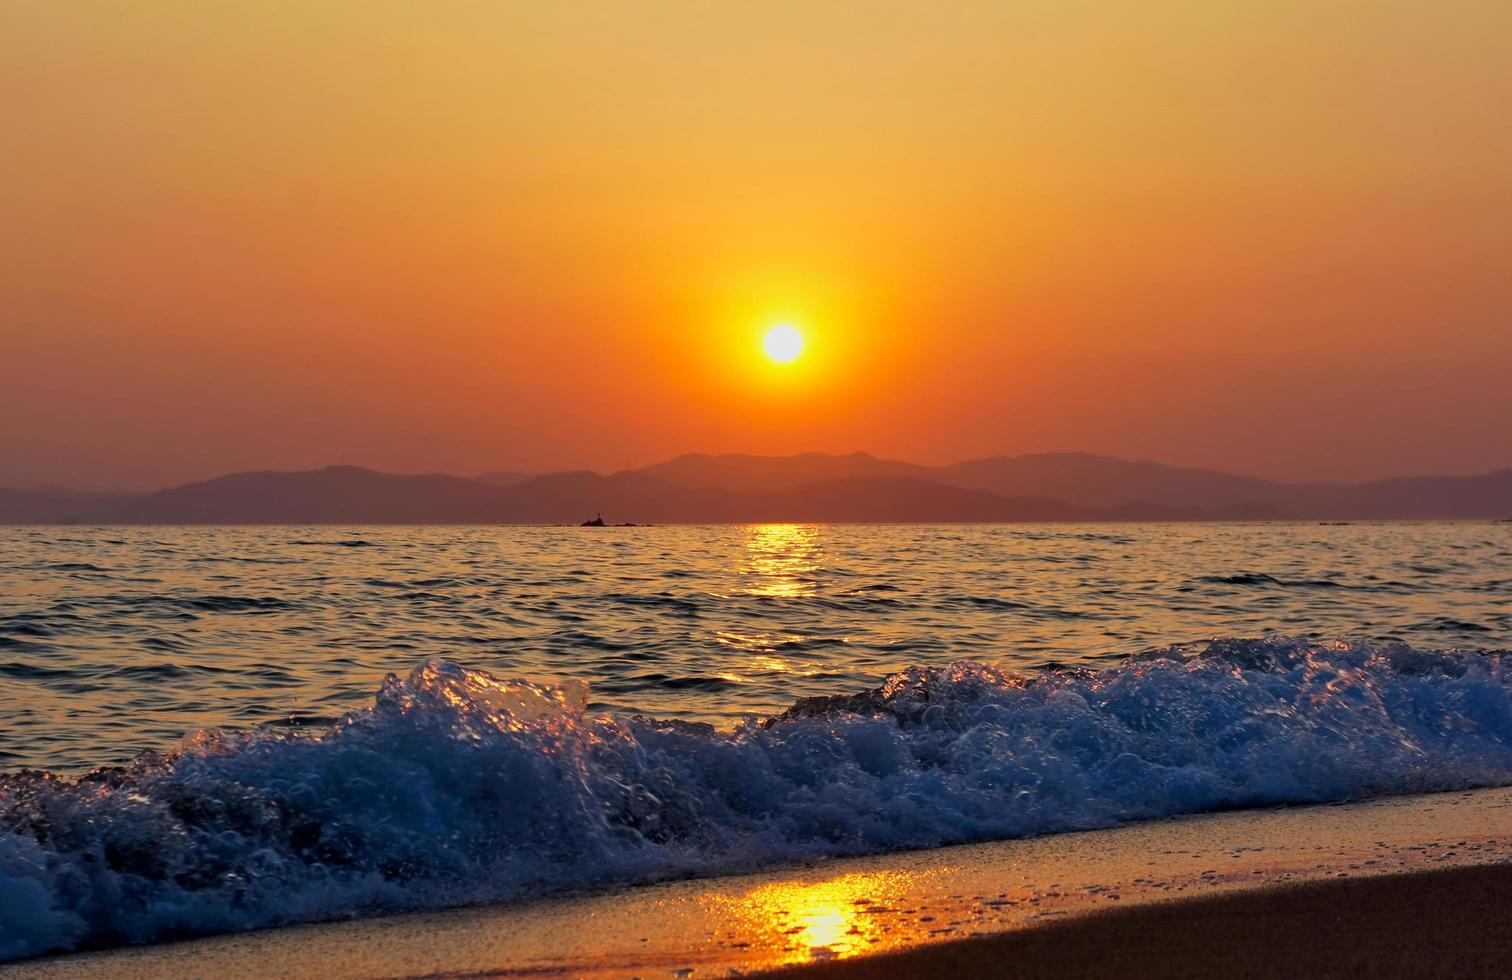 golven die breken op een strand met oranje bewolkte zonsondergang over bergen foto